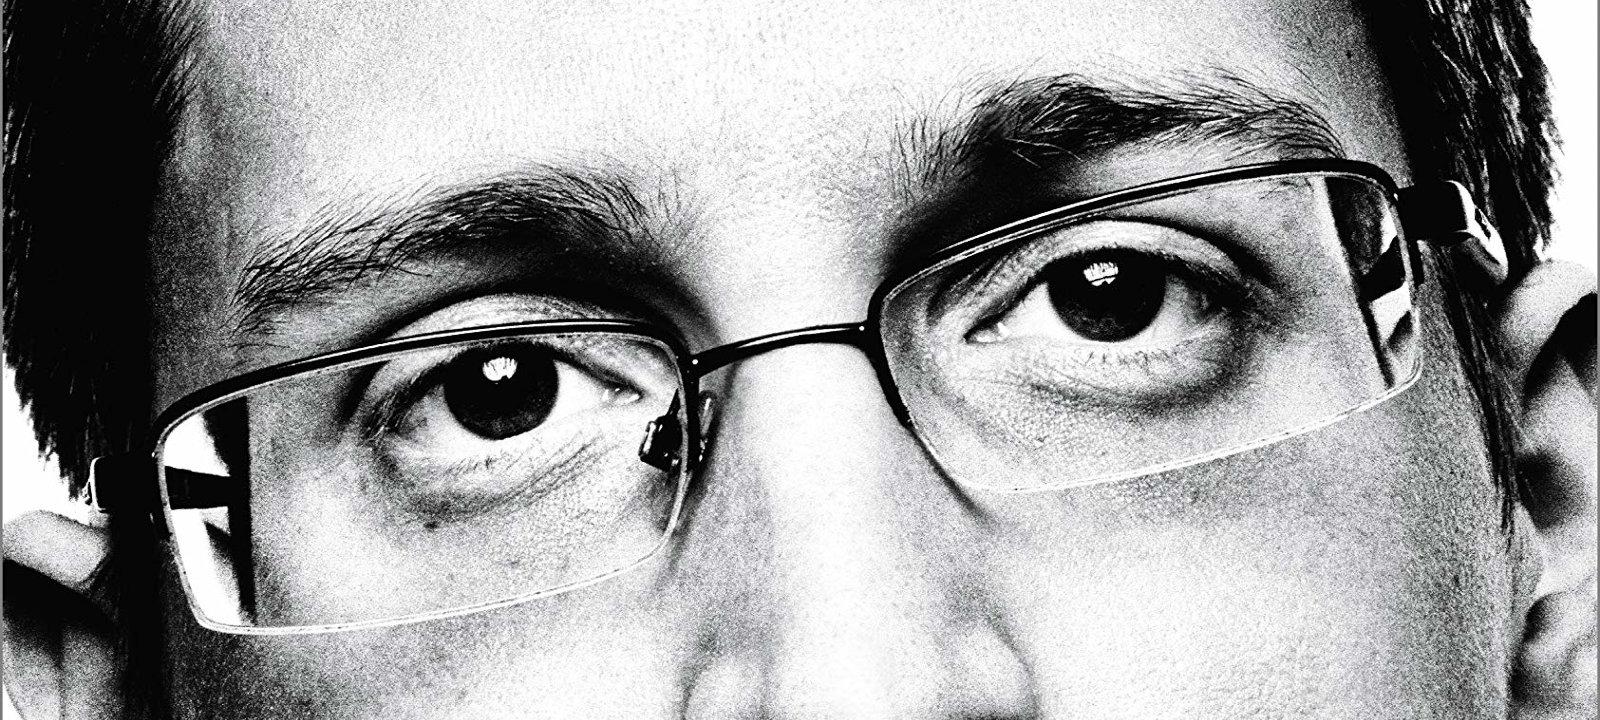 Сисадмин против системы. О чем Эдвард Сноуден написал в автобиографии Permanent Record